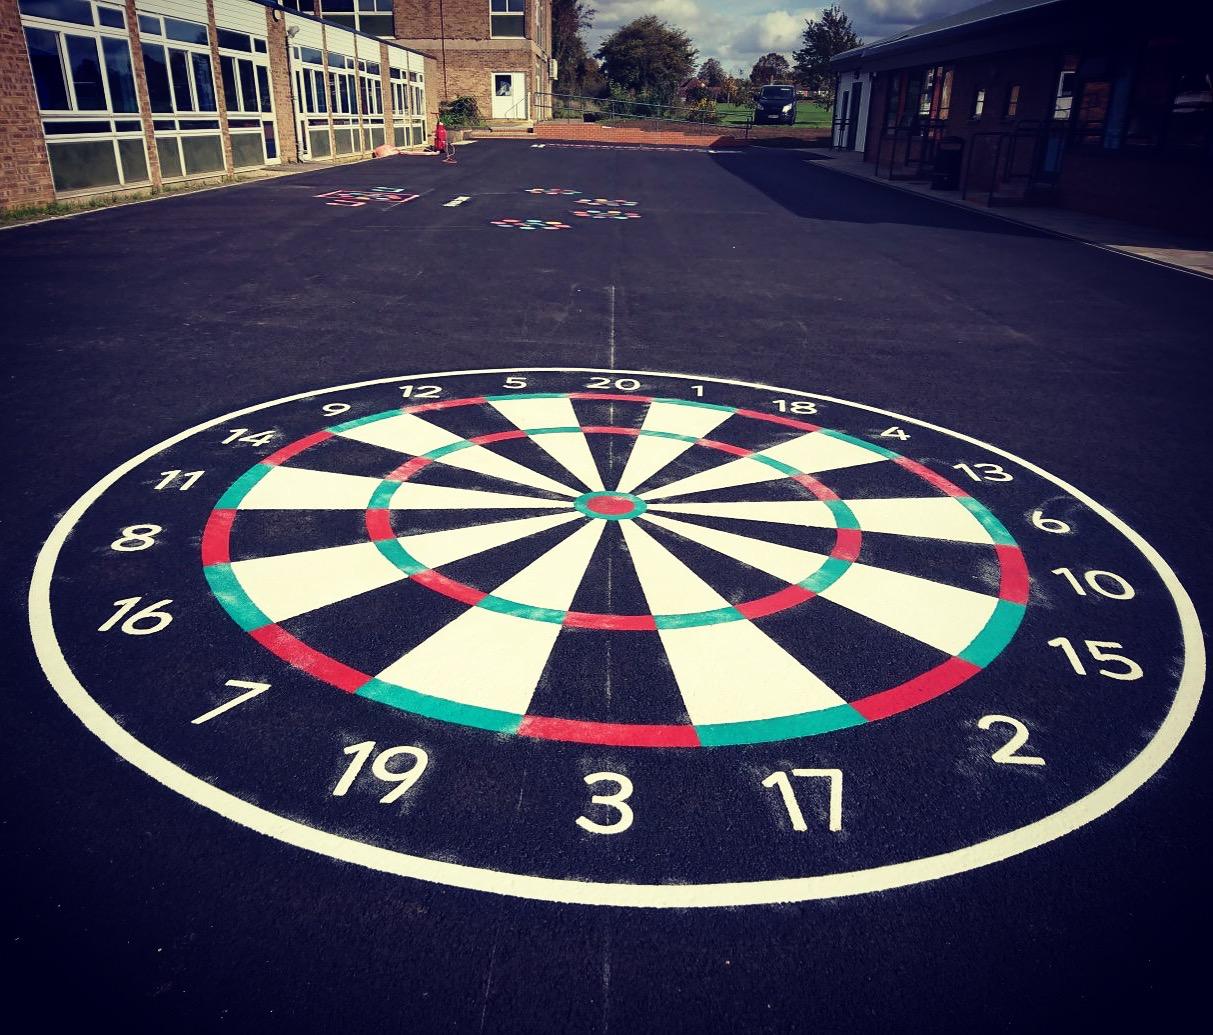 playground marking darts